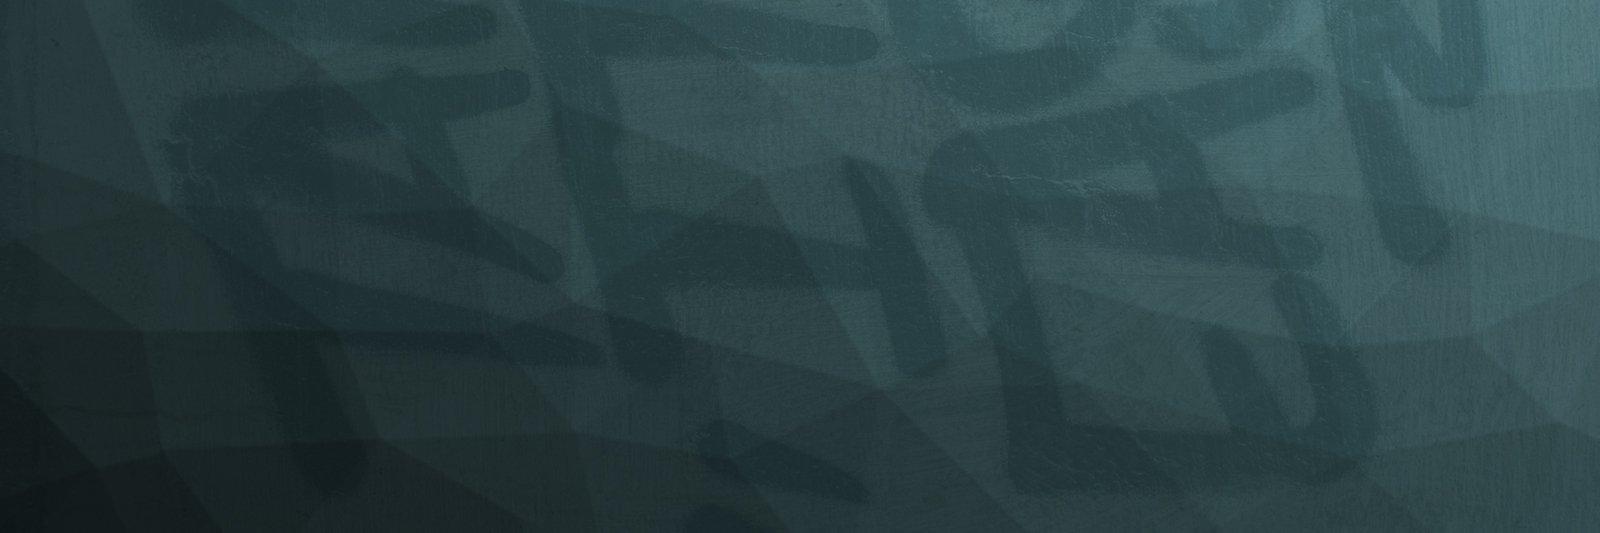 Bannerbillede til siden indhold til webløsning